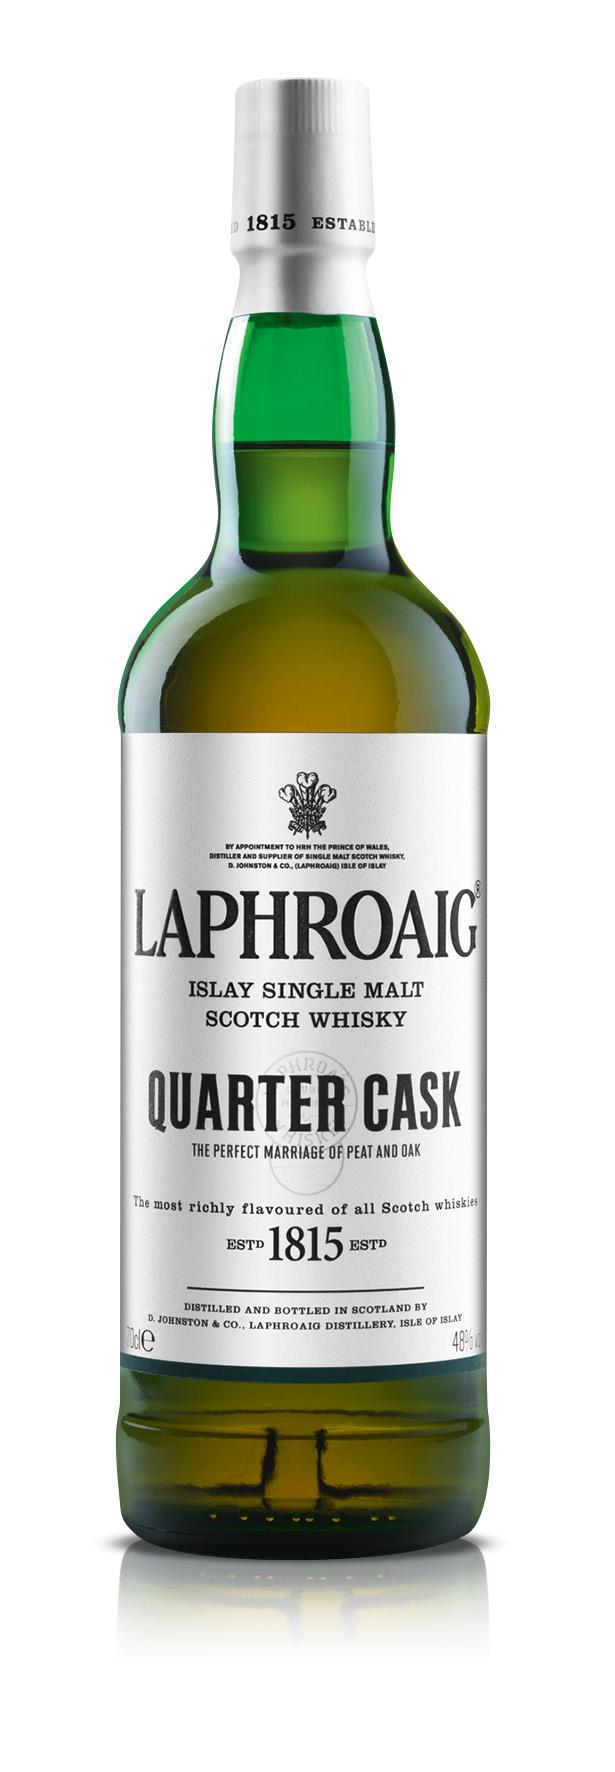 Laphroaig Quater Cask Single Malt Whisky